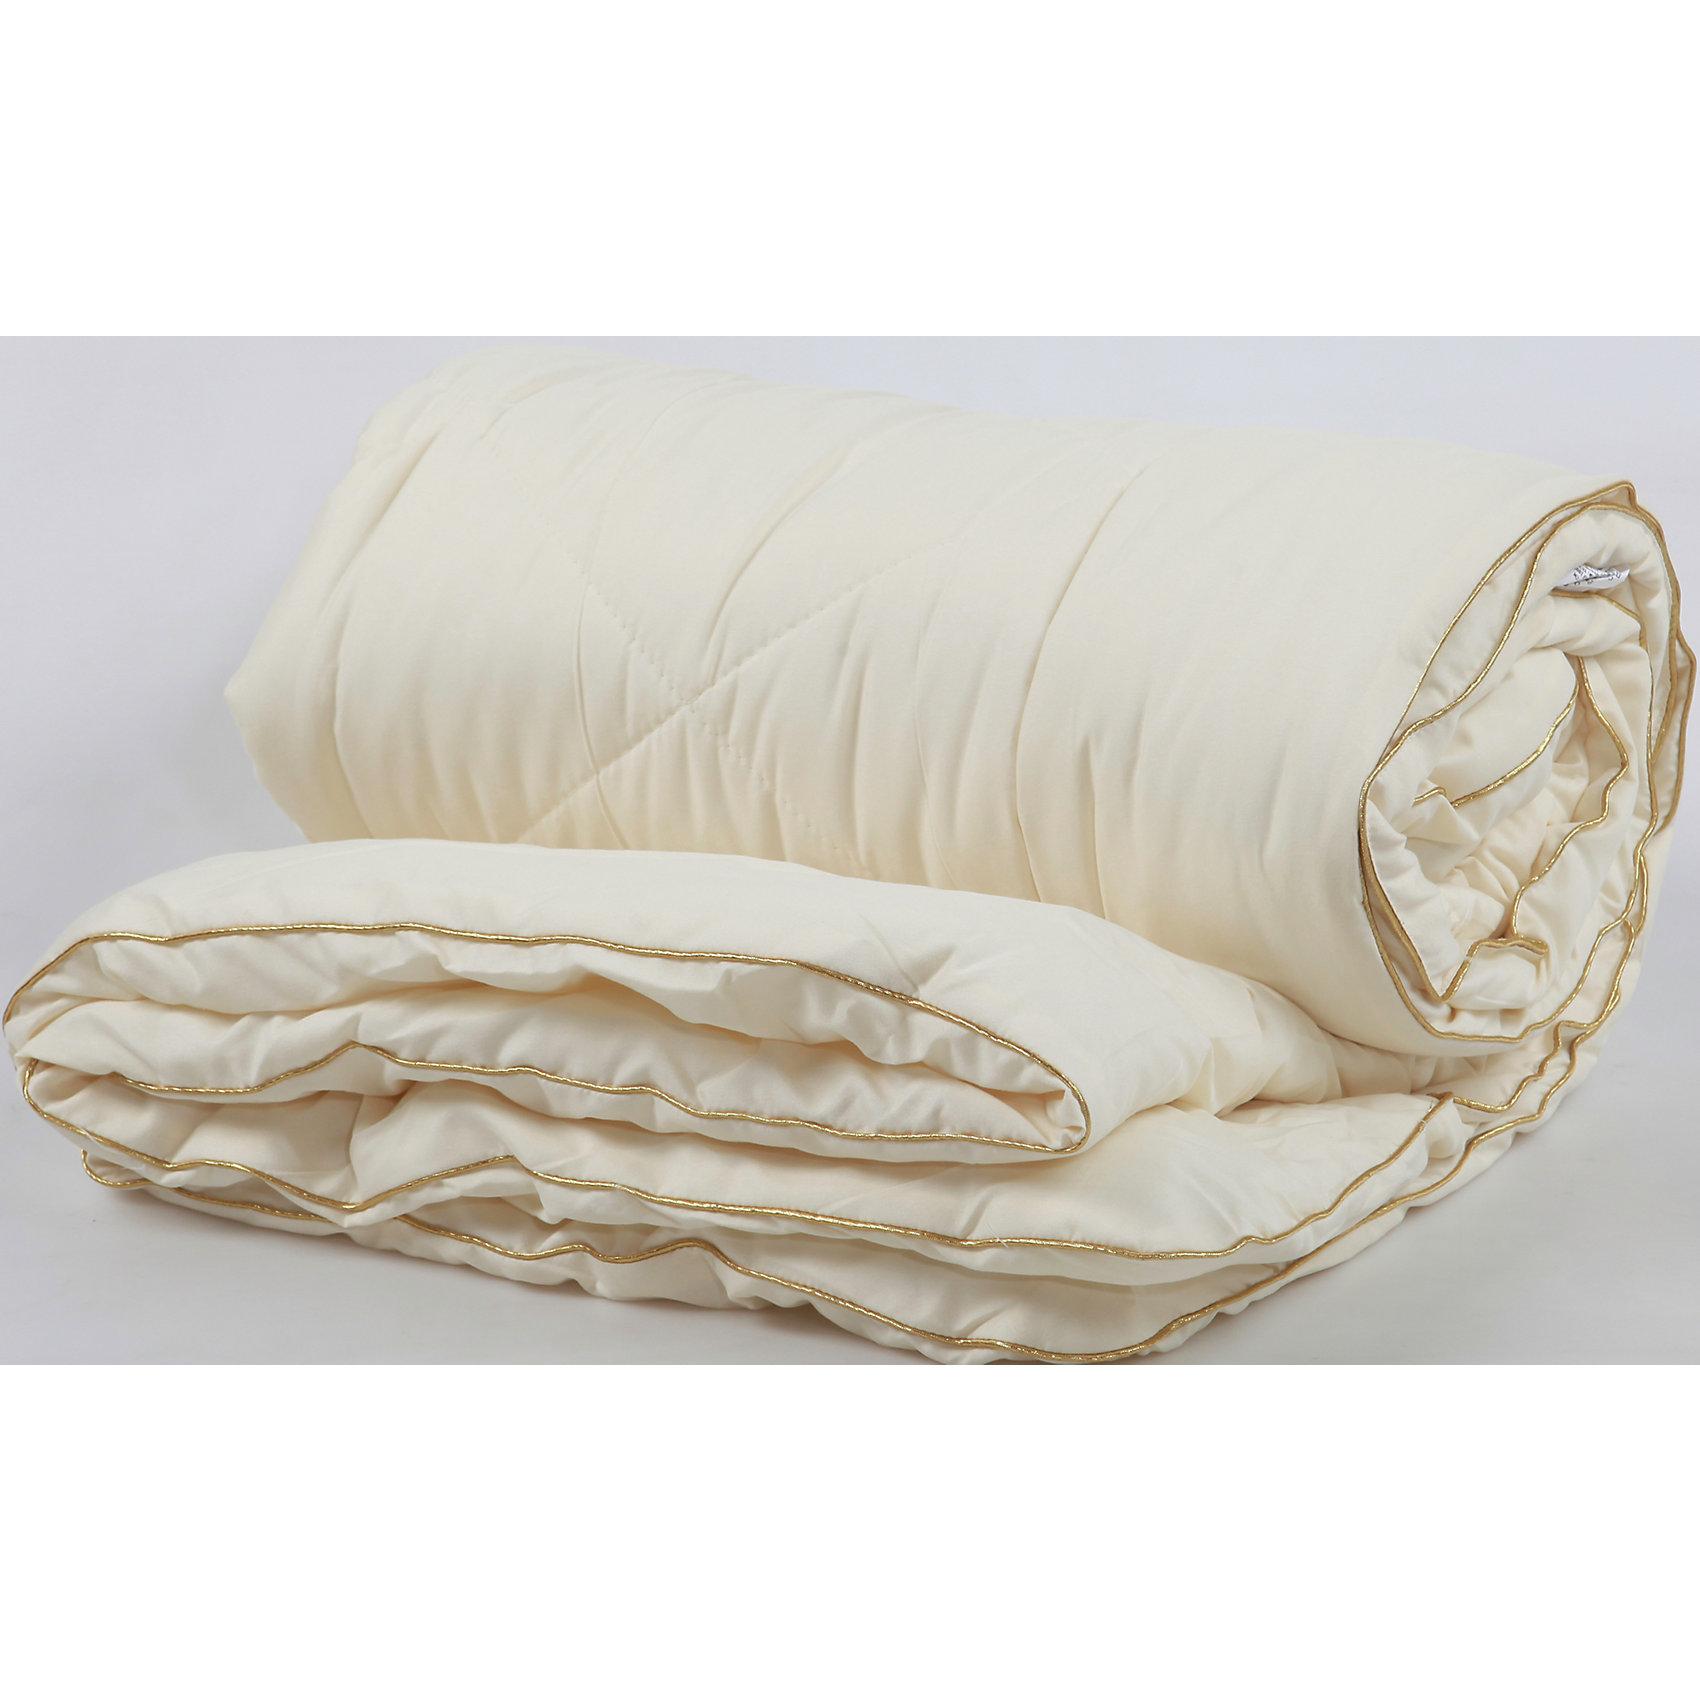 Одеяло детское ЛетоДомашний текстиль<br>Легкое и удобное летнее одеяло специально для вашего малыша.<br><br>Дополнительная информация:<br><br>-  Безопасно для здоровья.<br>- Верхняя ткань - бязь (100% хлопок),<br>- Наполнитель: синтепон 100гр.<br>- Производство: Россия. Товар сертифицирован.<br>-  Размер: 105х140 см<br>Размер в упаковке: 45х2х35 см.<br>Вес в упаковке: 550 г.<br><br>Детское одеяло Лето можно купить в нашем магазине.<br><br>Ширина мм: 450<br>Глубина мм: 20<br>Высота мм: 350<br>Вес г: 550<br>Возраст от месяцев: 0<br>Возраст до месяцев: 36<br>Пол: Унисекс<br>Возраст: Детский<br>SKU: 4724674